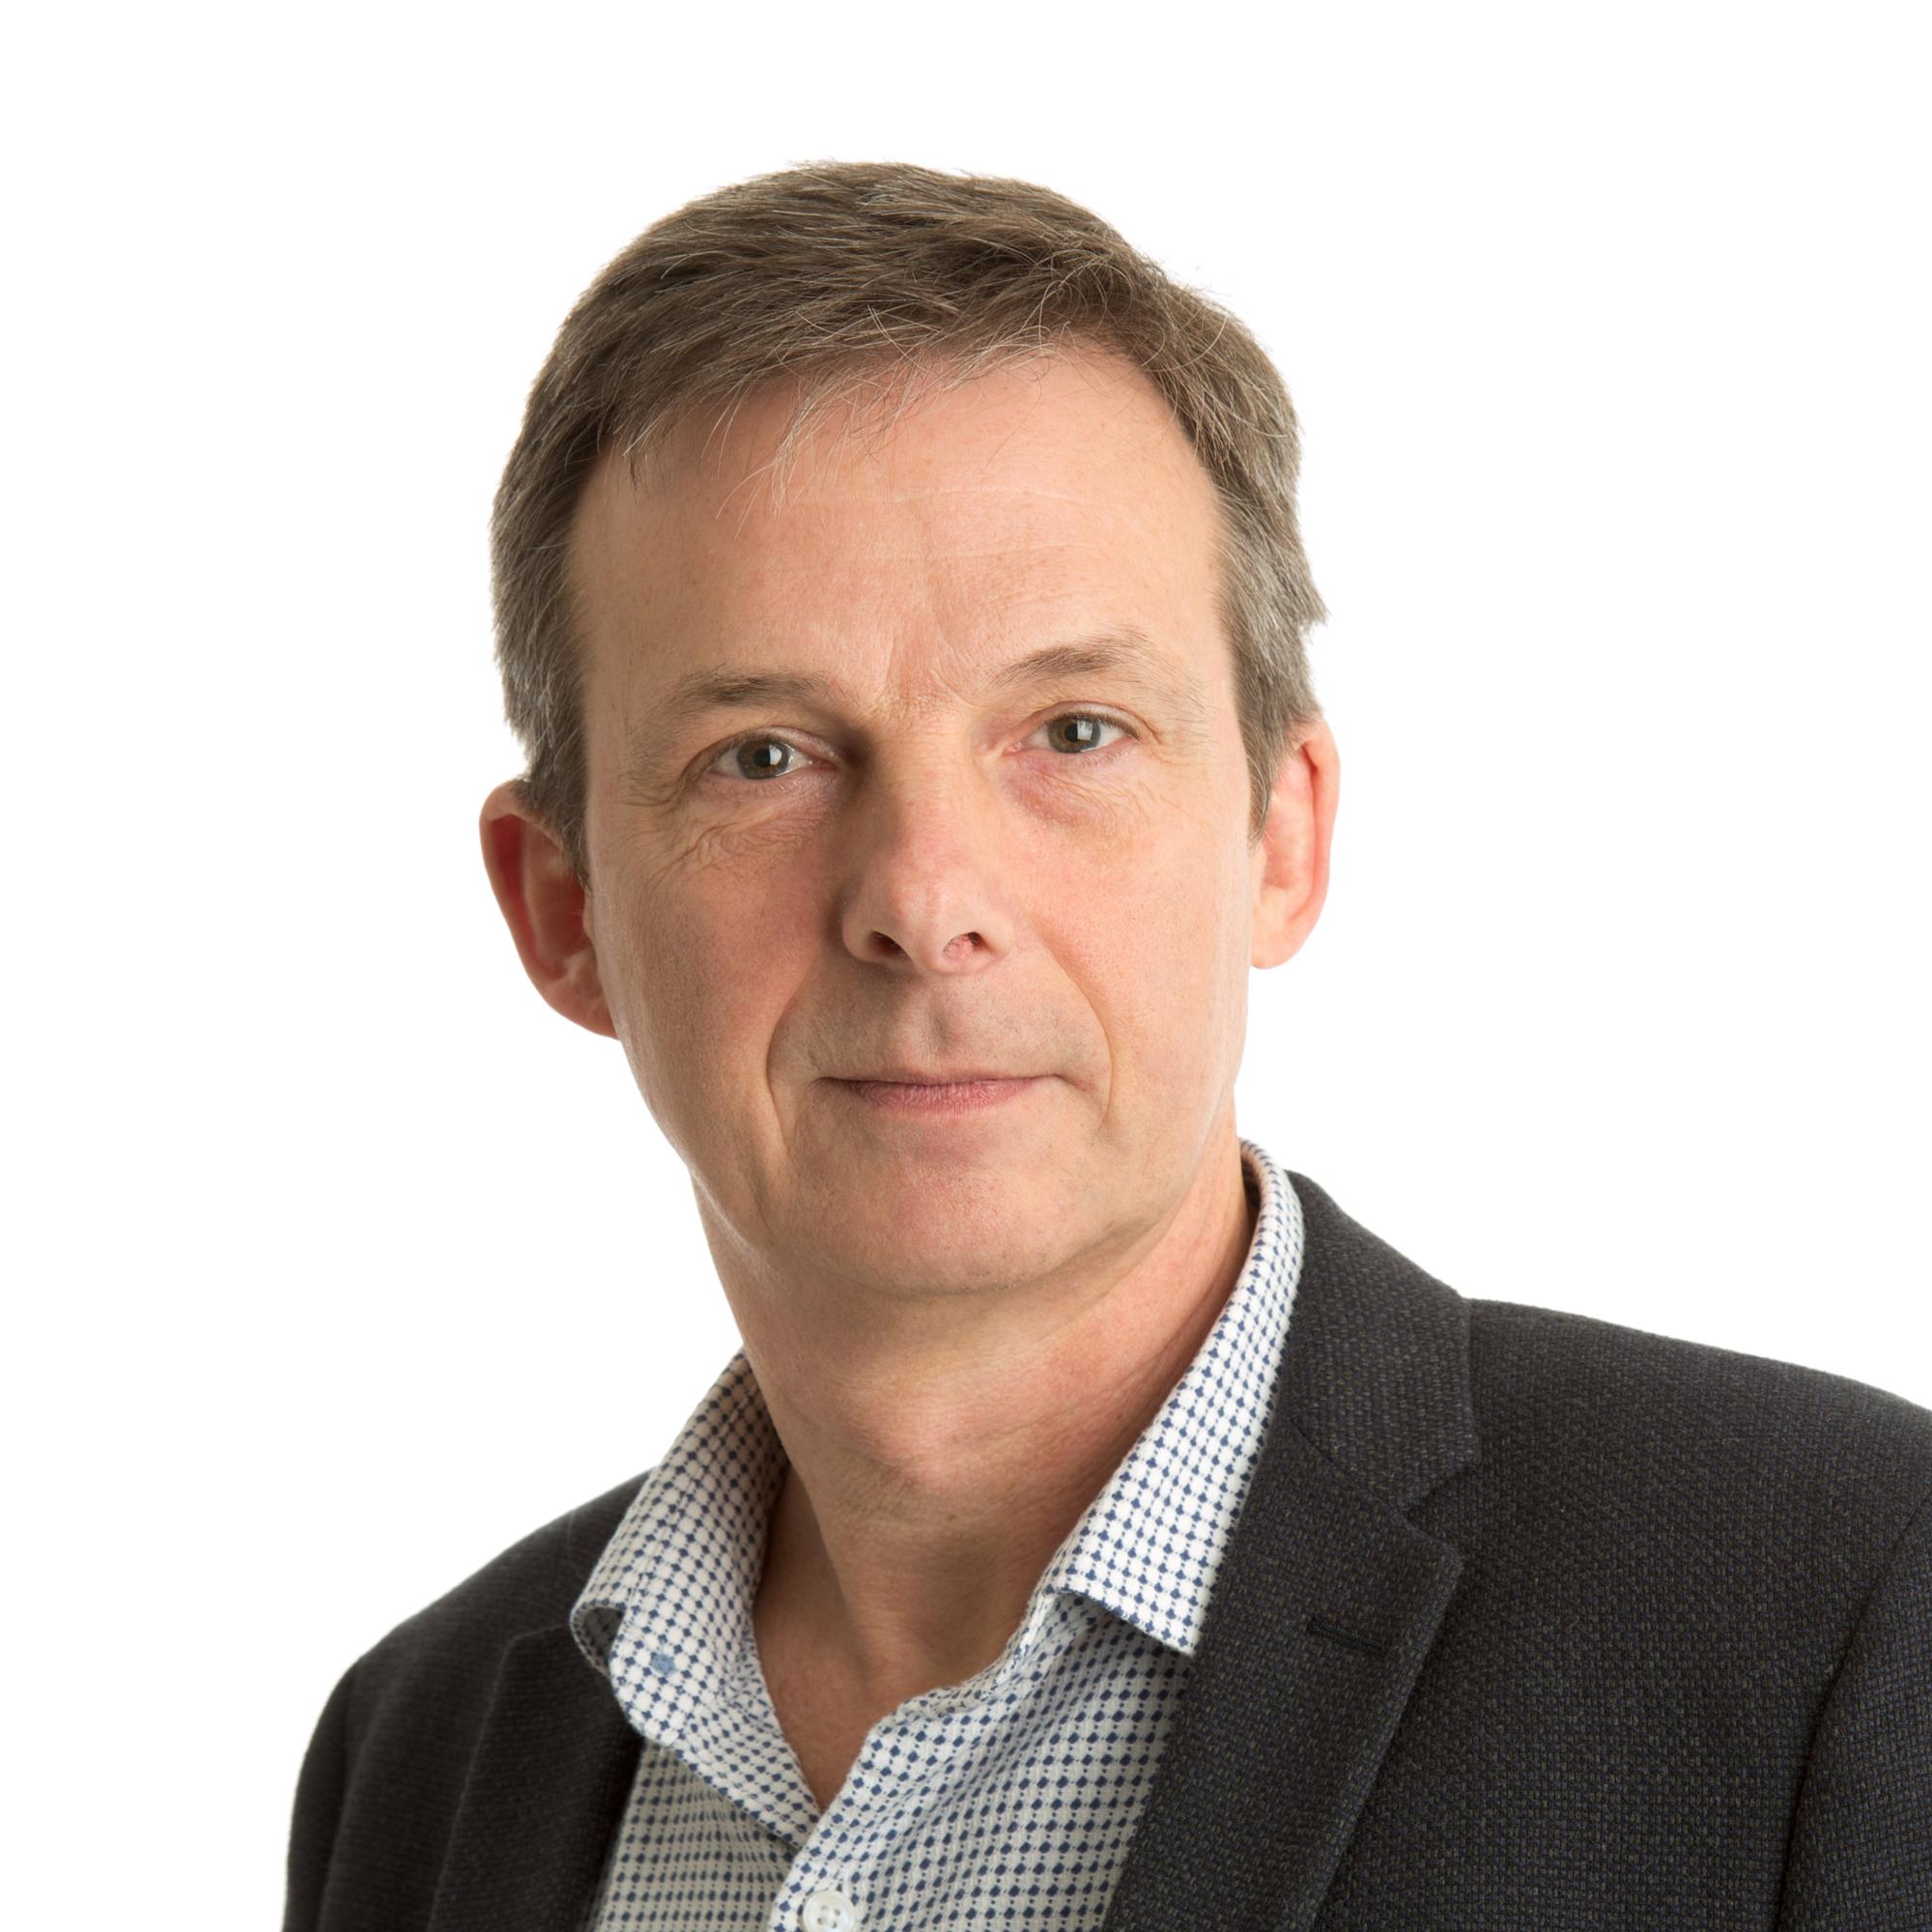 Stefan Gijssels